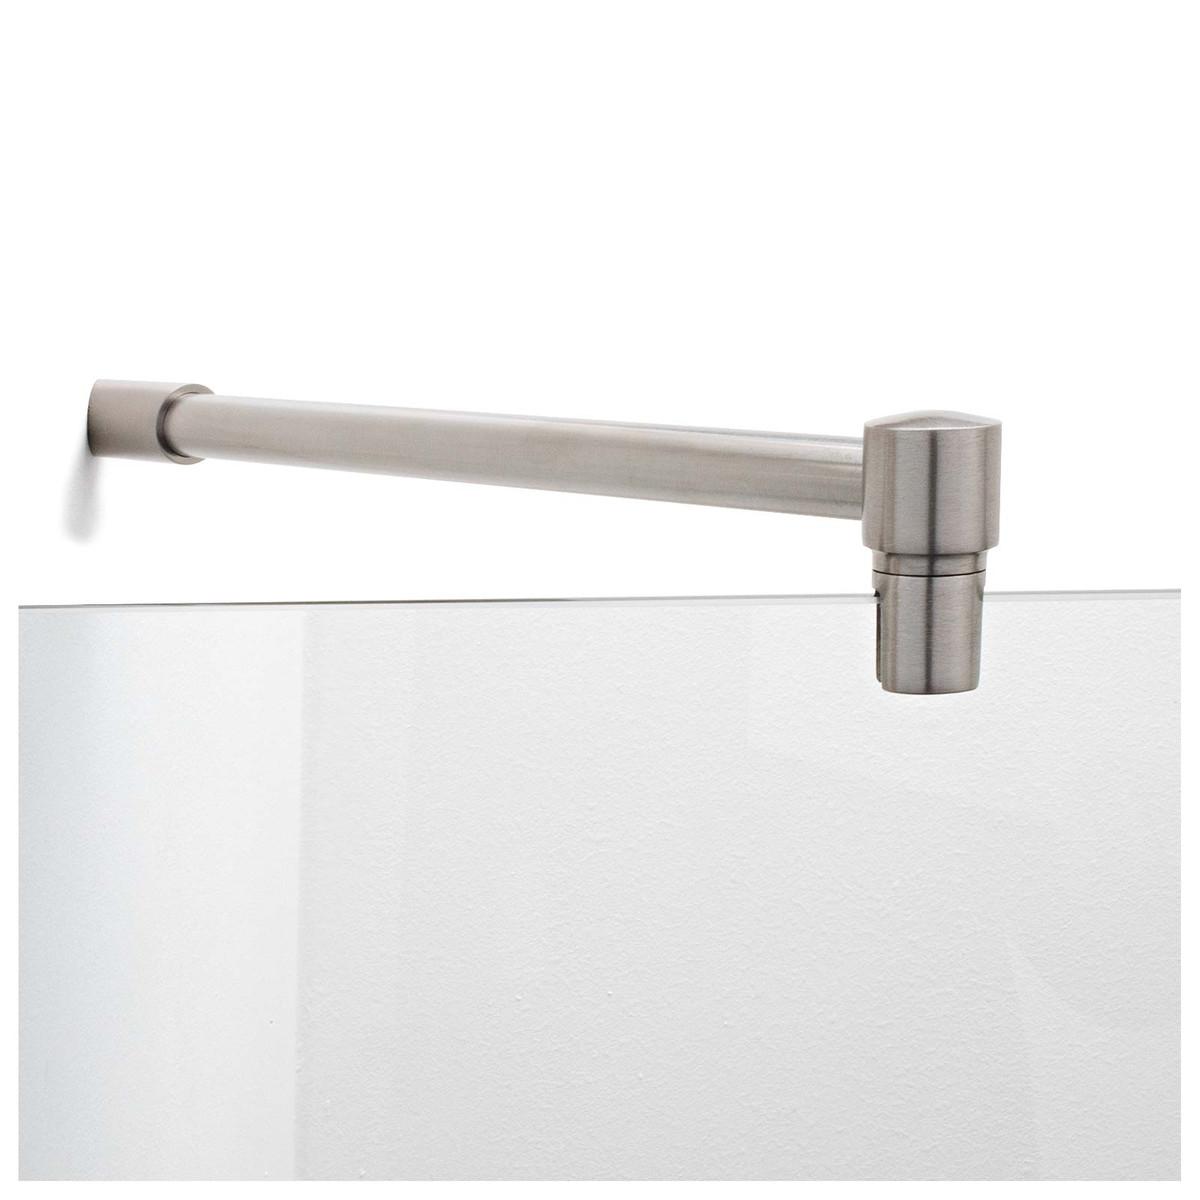 Fixum Stabilisationsstange Haltestange (Diagonal 45°) für Duschen Glas-Wand, 300/500 x 19mm, VA-Finish